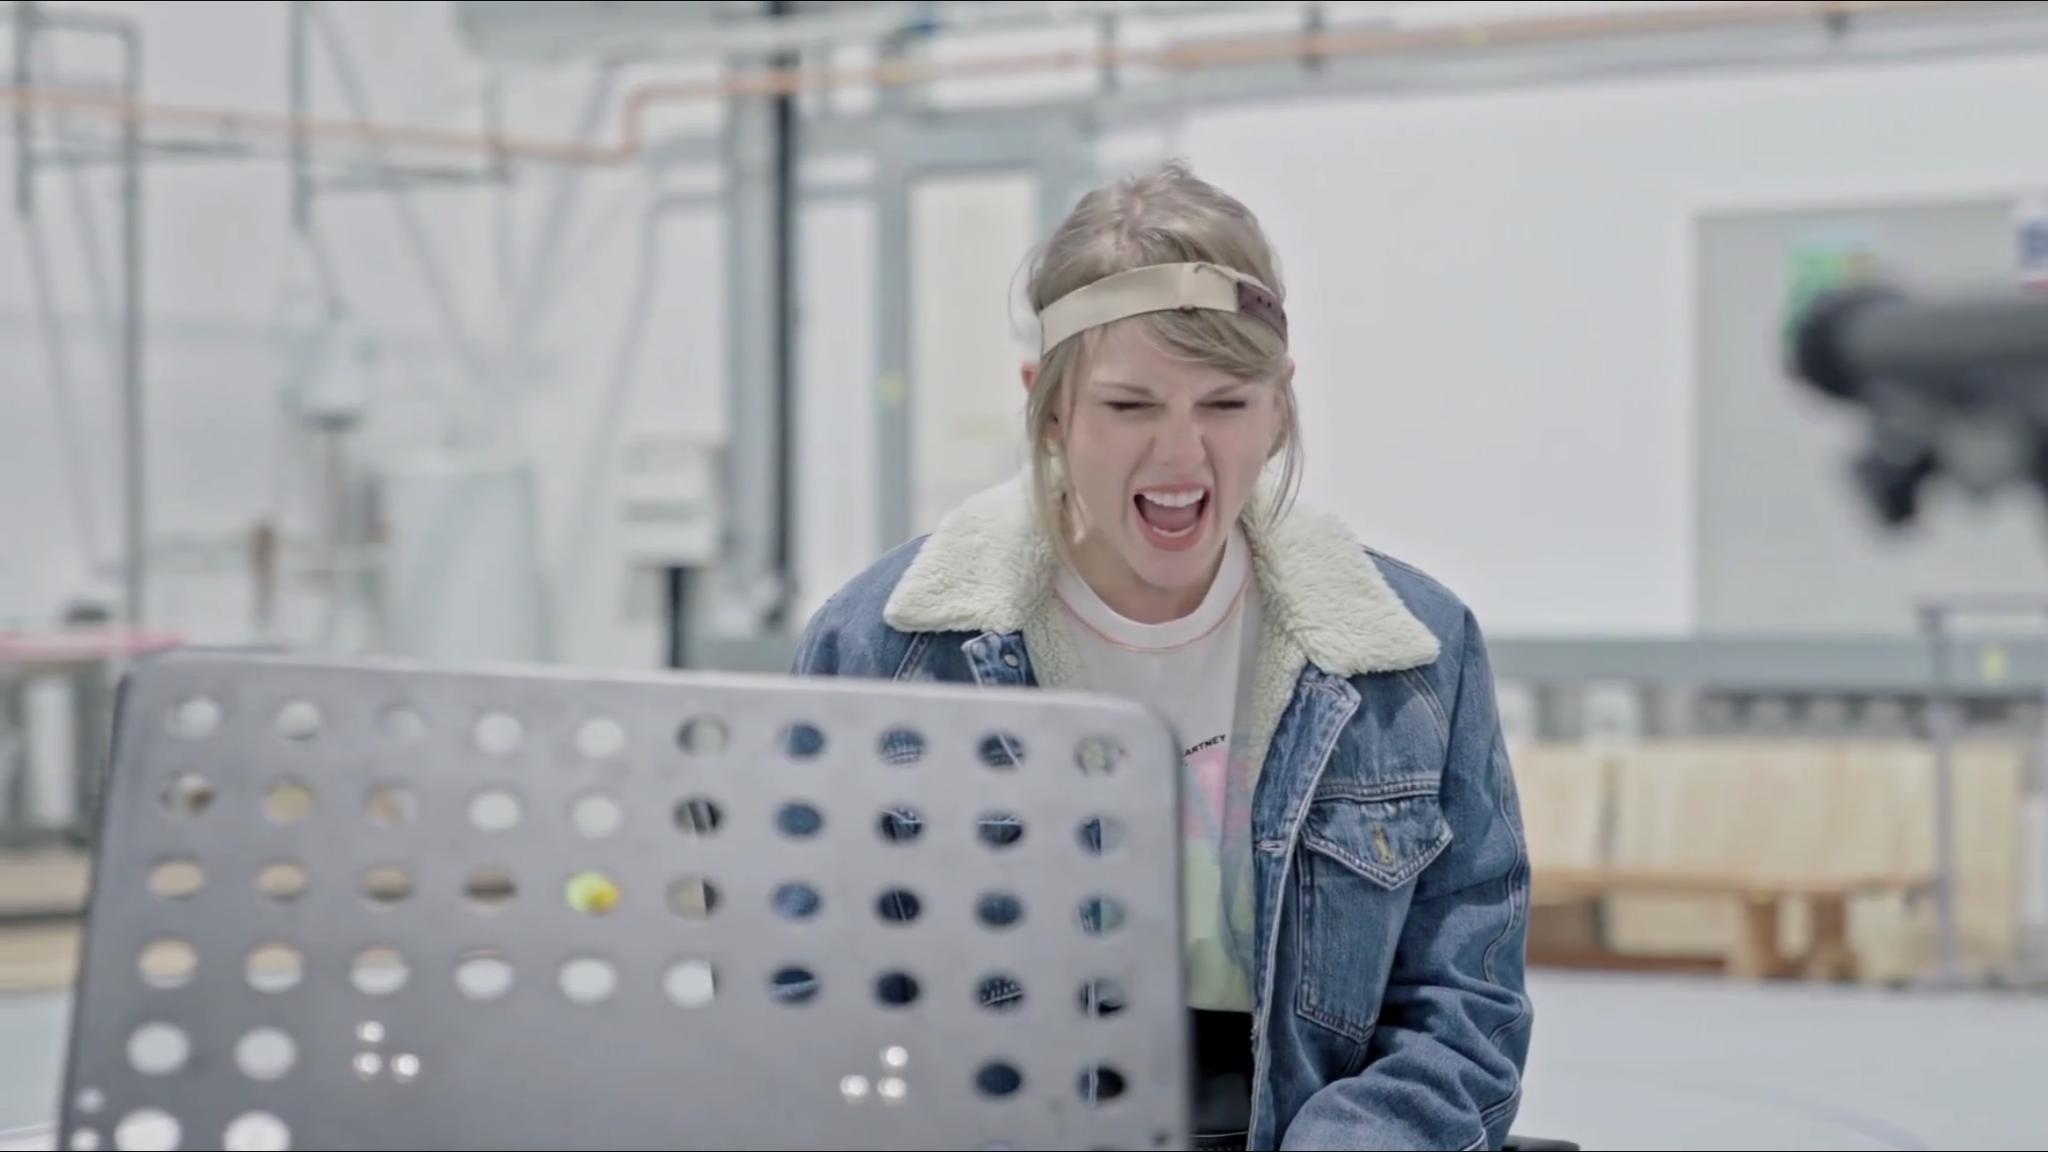 霉霉Taylor Swift出演电影《CATS》蓝光碟最新花絮图片及视频曝光!